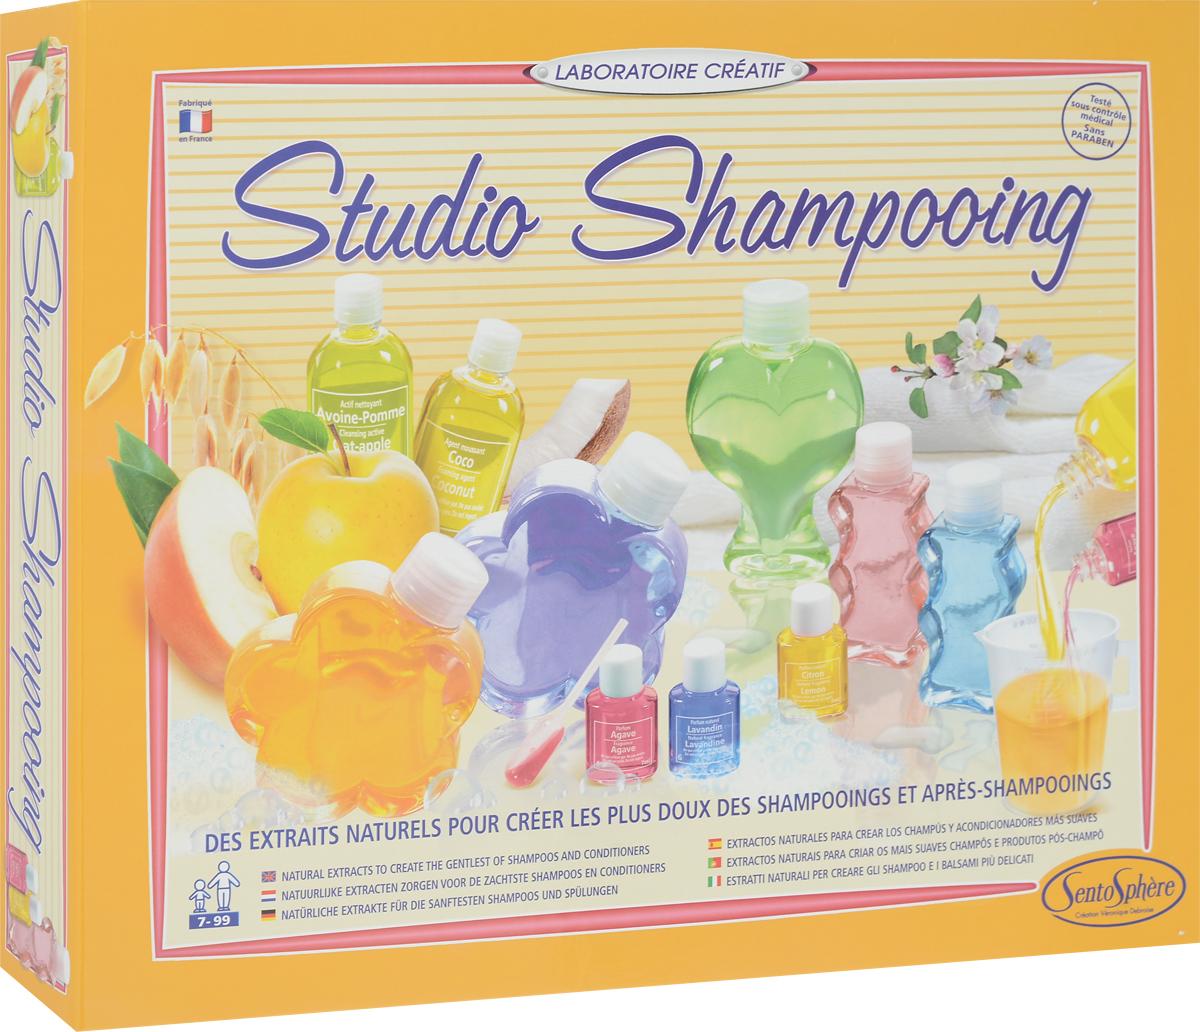 SentoSphere Набор для изготовления косметики Шампо Лаб sentosphere набор для изготовления косметики свежие ароматы